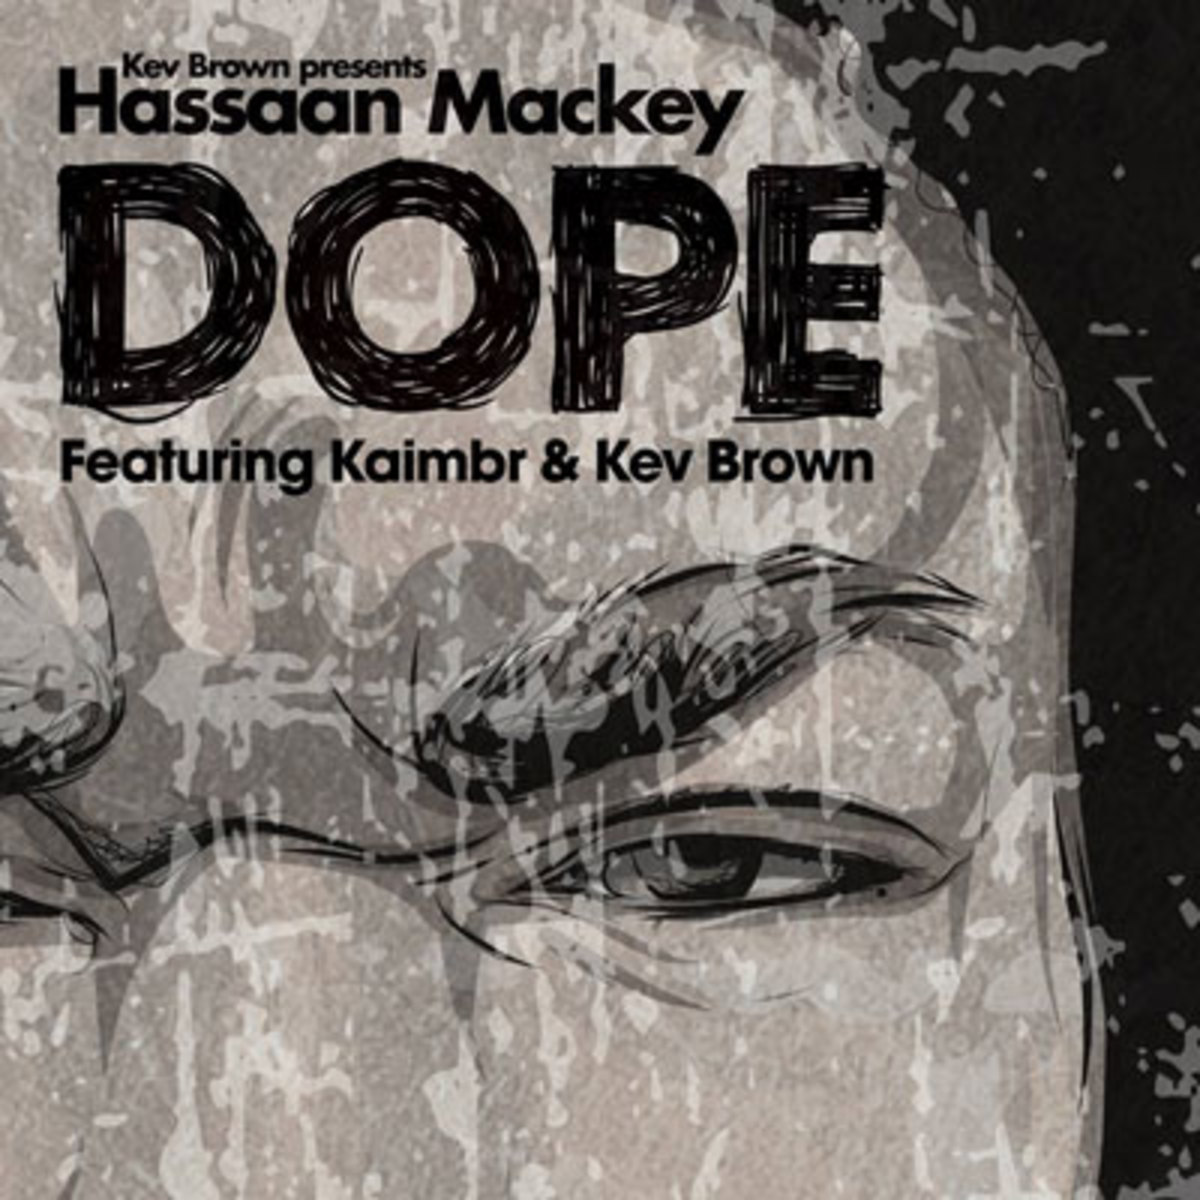 hassaanmackey-dope.jpg